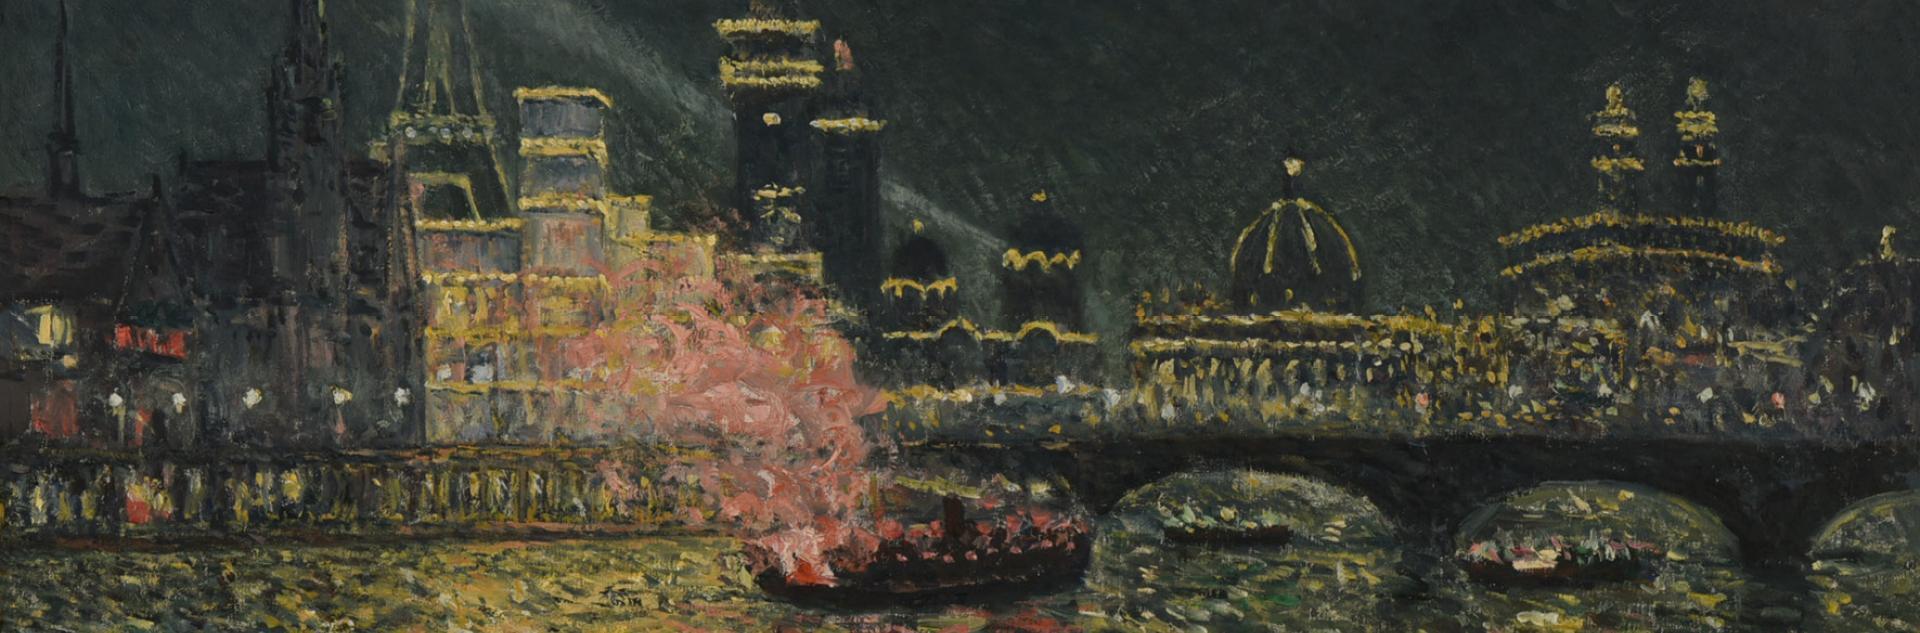 tableau Féérie nocturne de Maxime Maufra